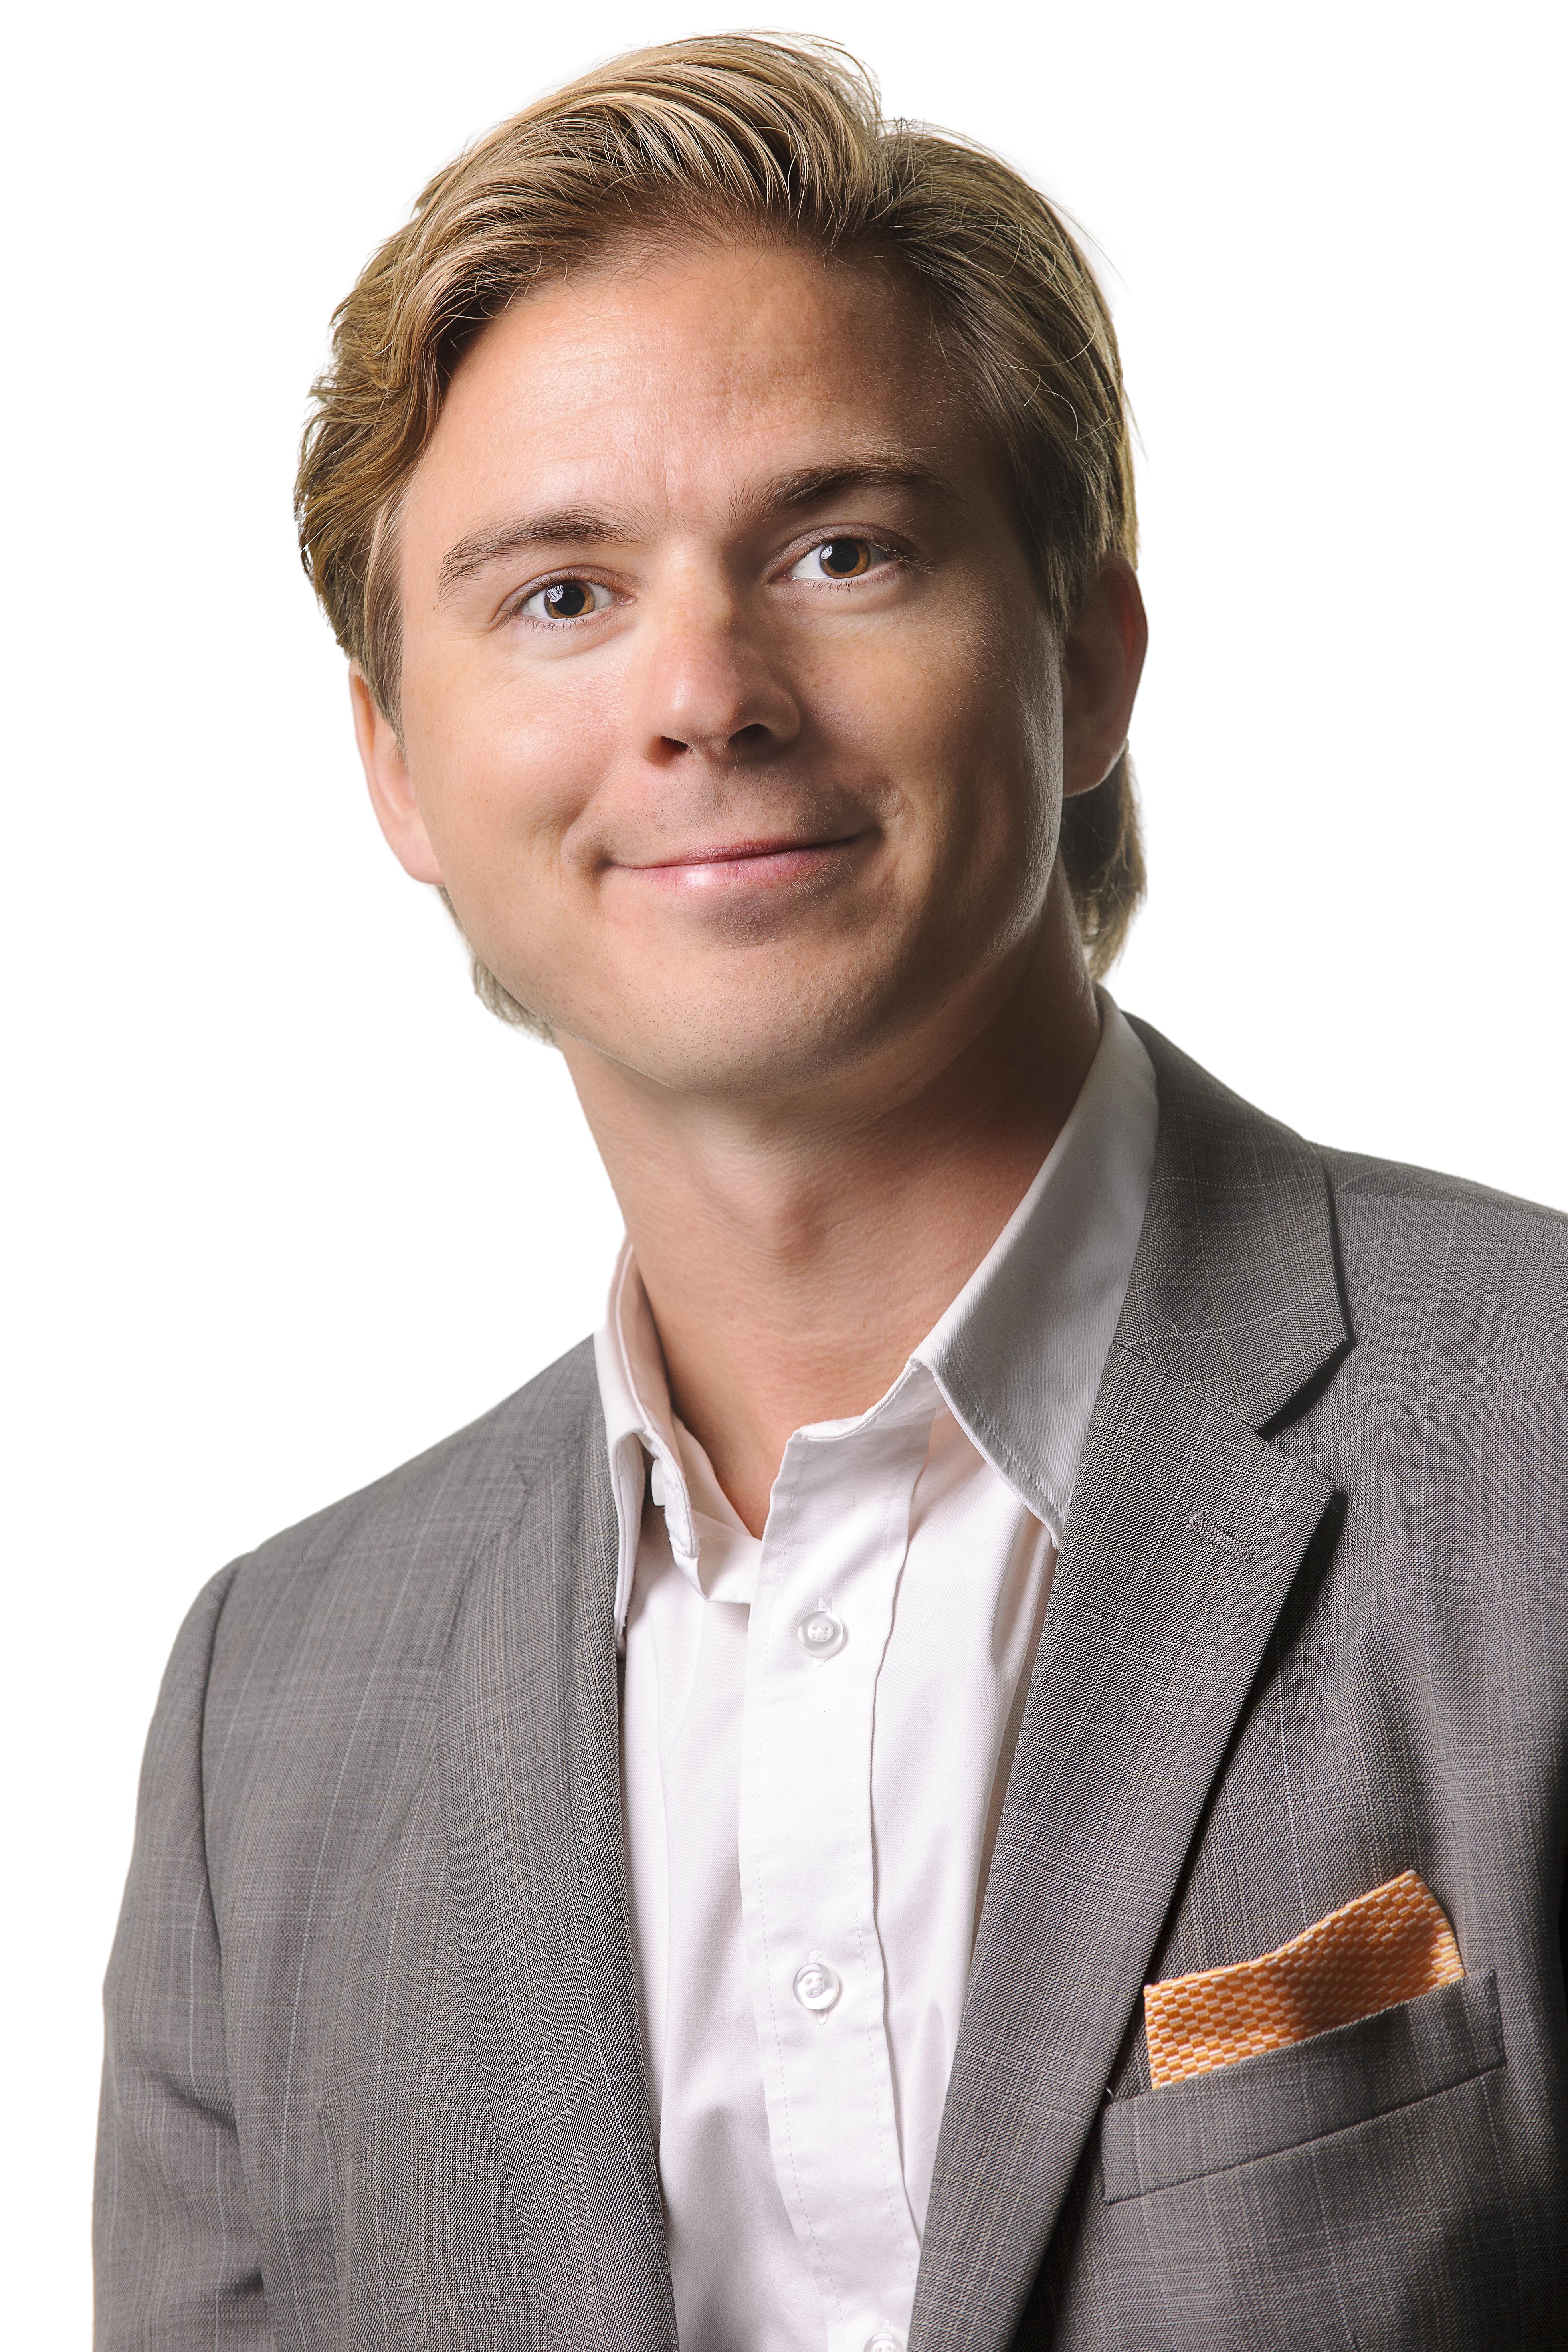 Erik Sjögren. Klicka på bilden för att ladda ner en högupplöst jpg bild.